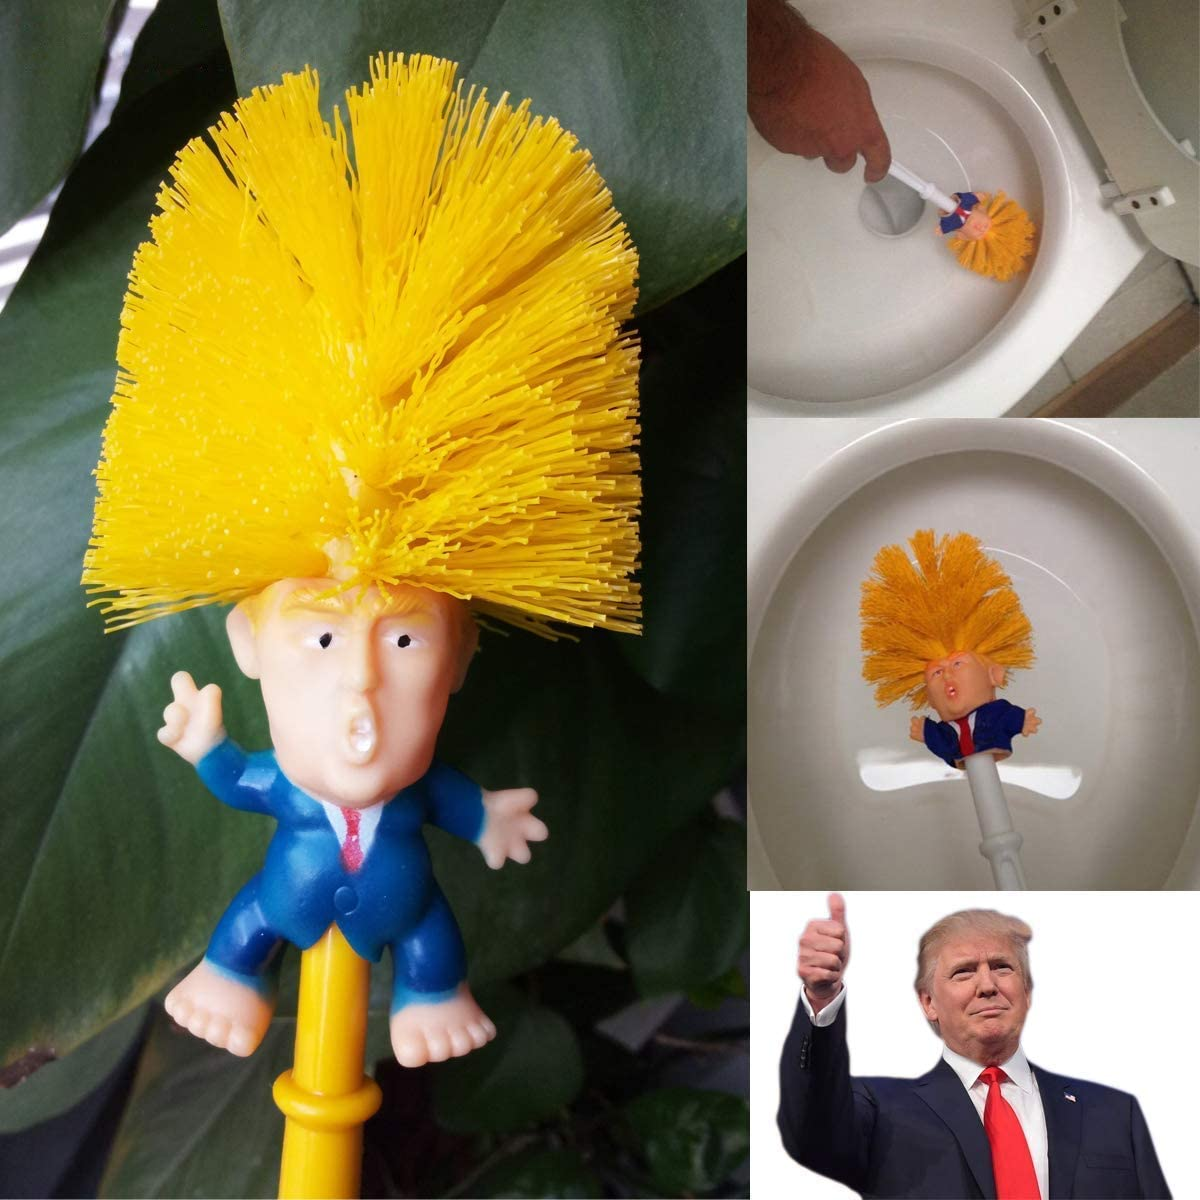 Brosse de Toilette Trump Nettoyant Brosse de Toilette Cadeaux Pr/ésident nouveaut/é, love planet Brosse de Toilette Trump Originale Jaune